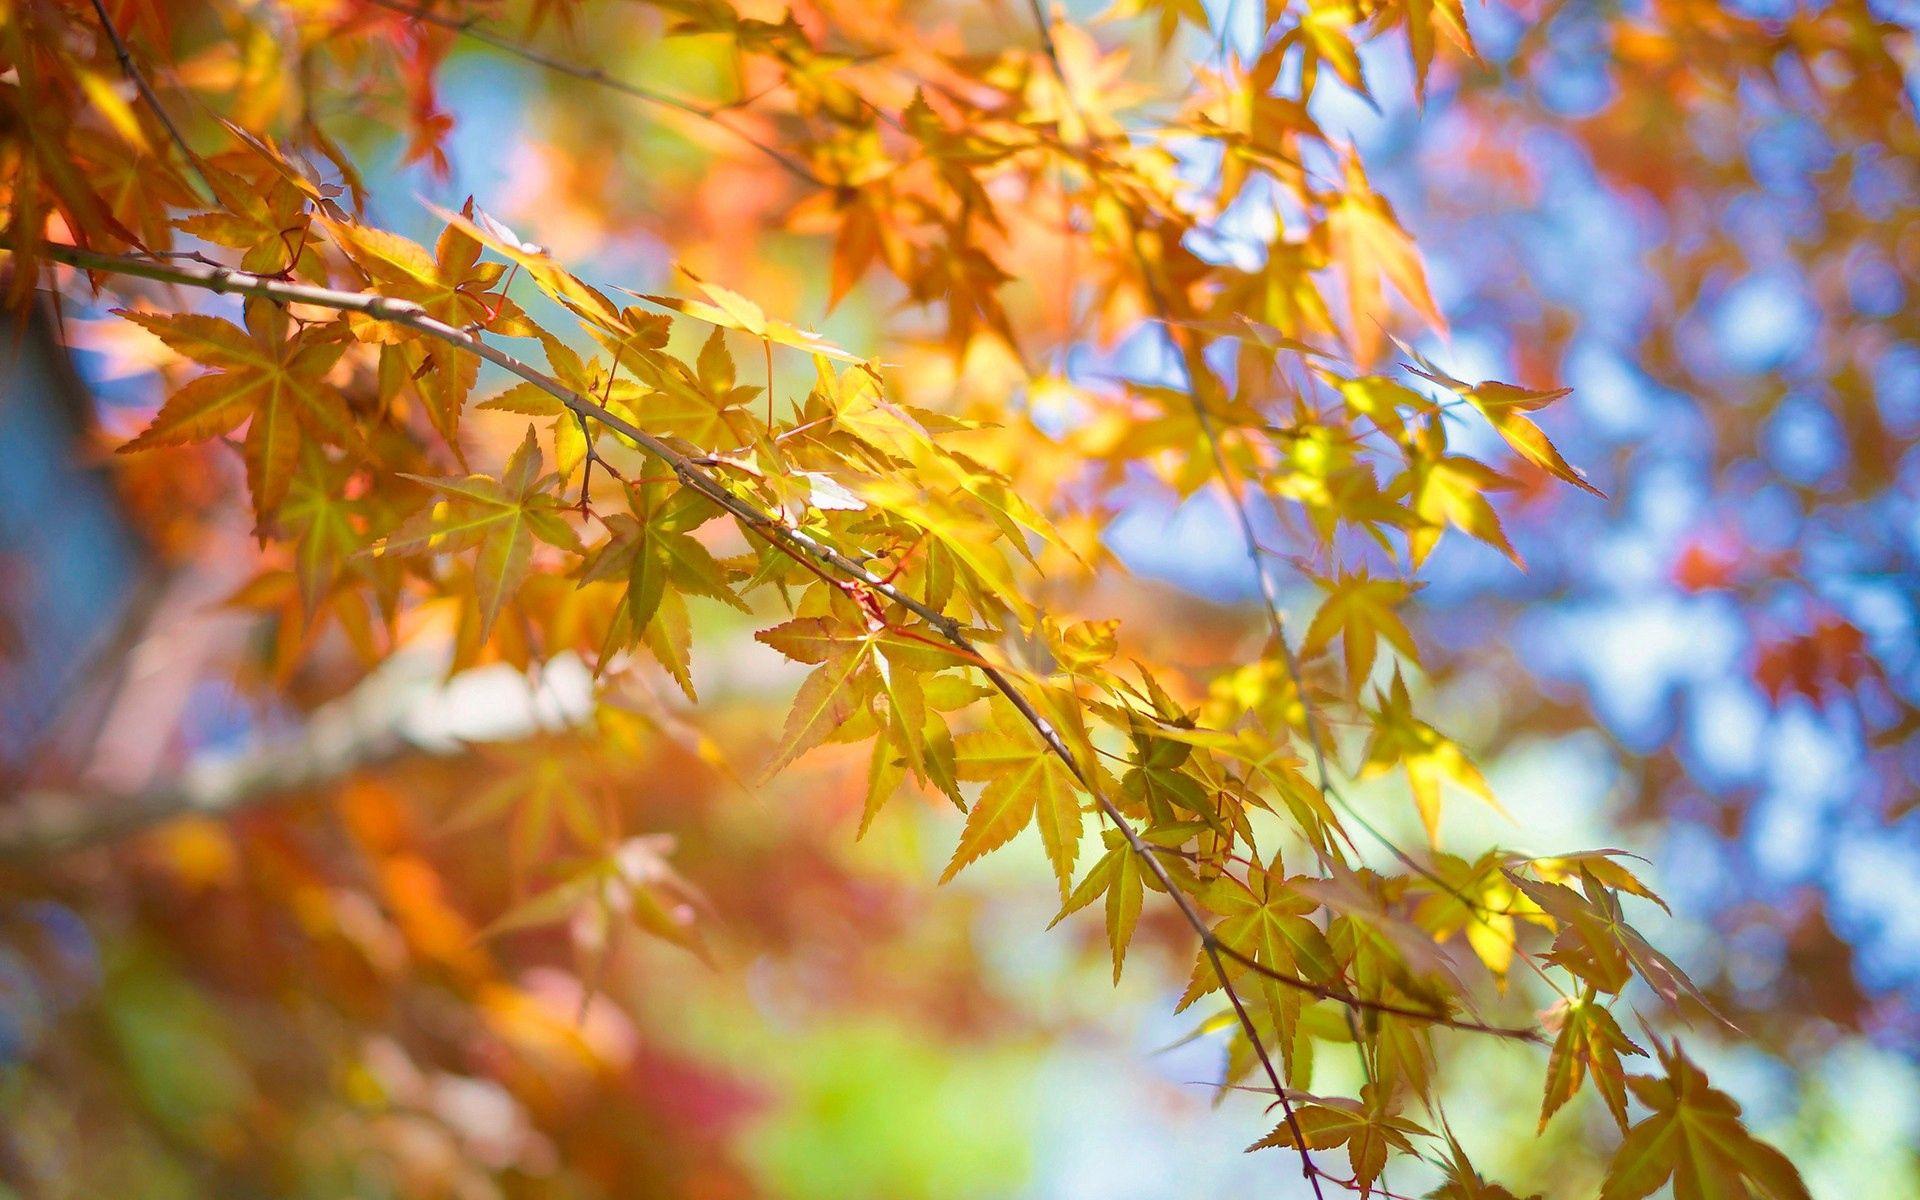 100106 скачать обои Природа, Листья, Осень, Дерево, Ветка - заставки и картинки бесплатно